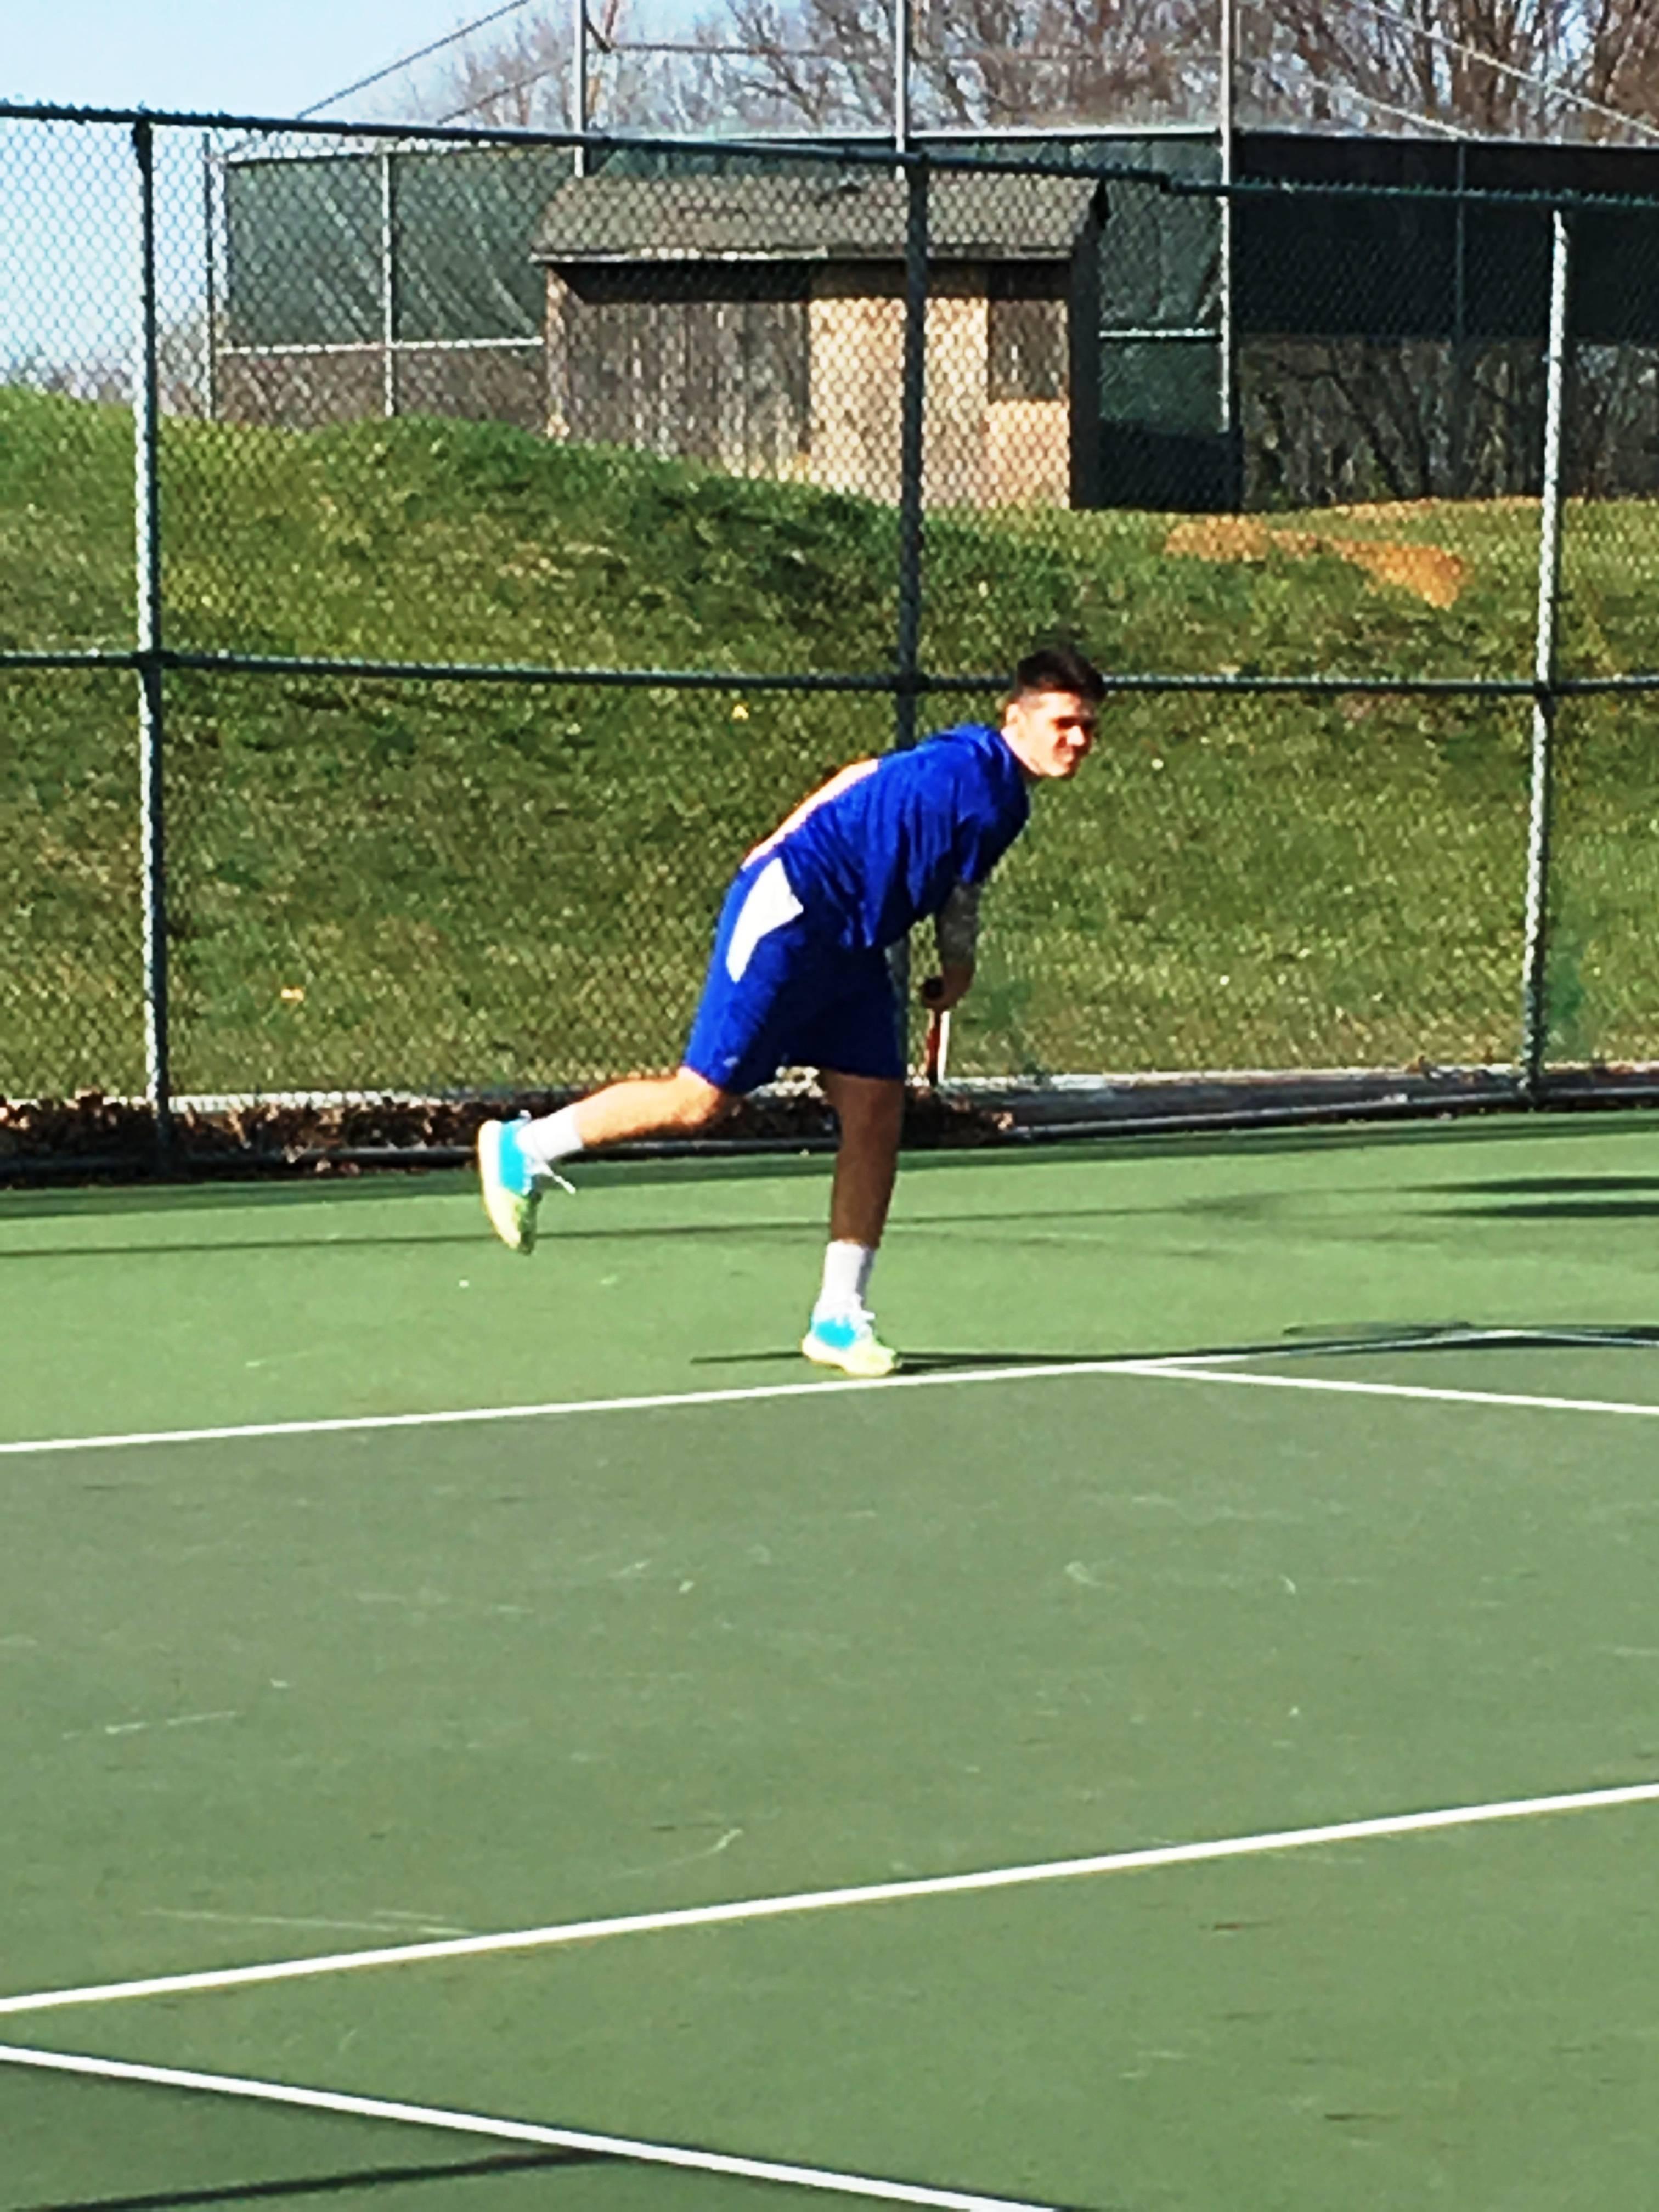 72ee0b85bdbf1bbd87dd_tennis5.JPG